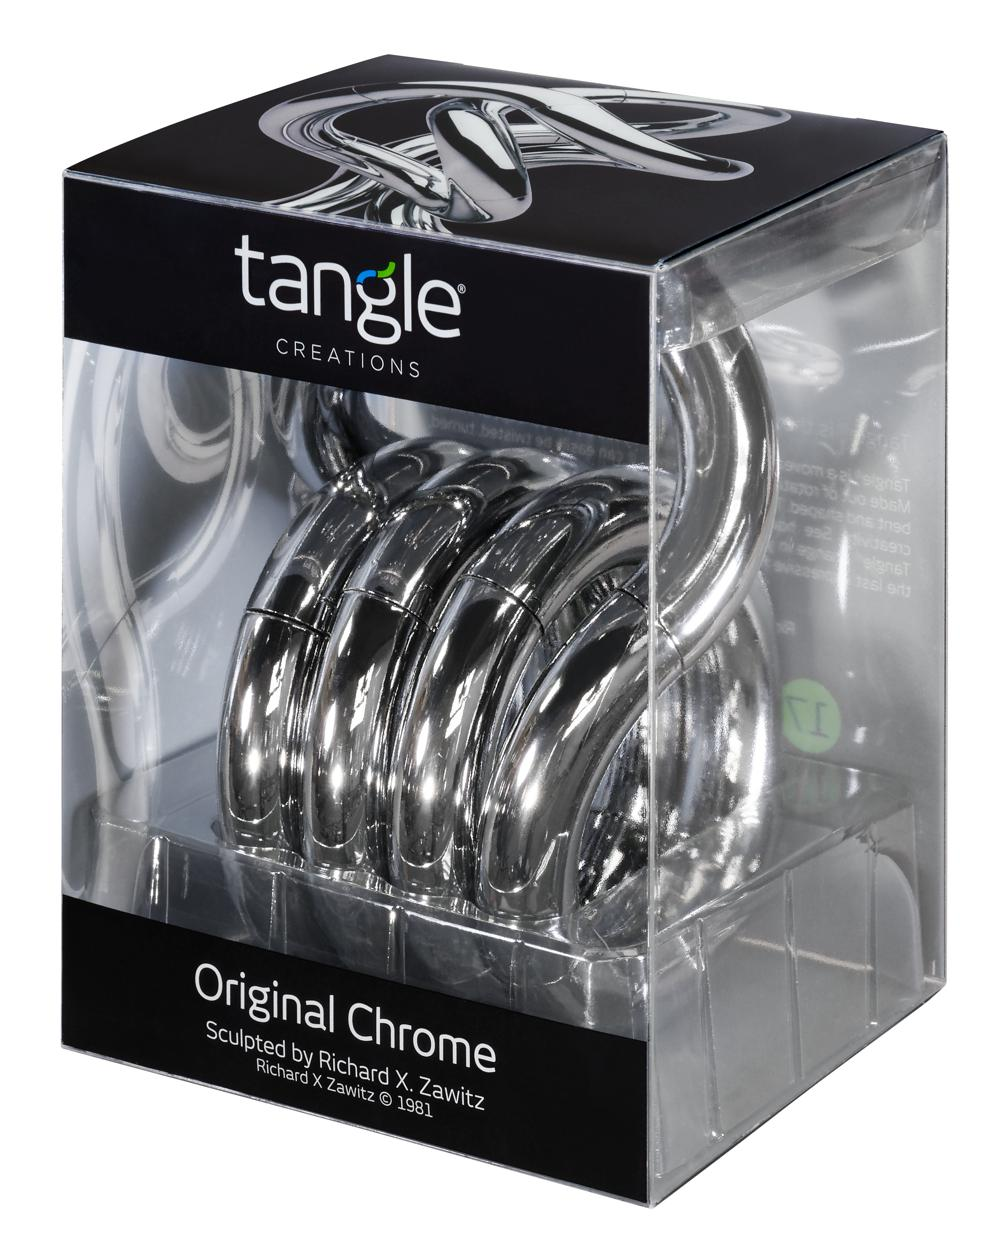 Tangle - Original Chrome